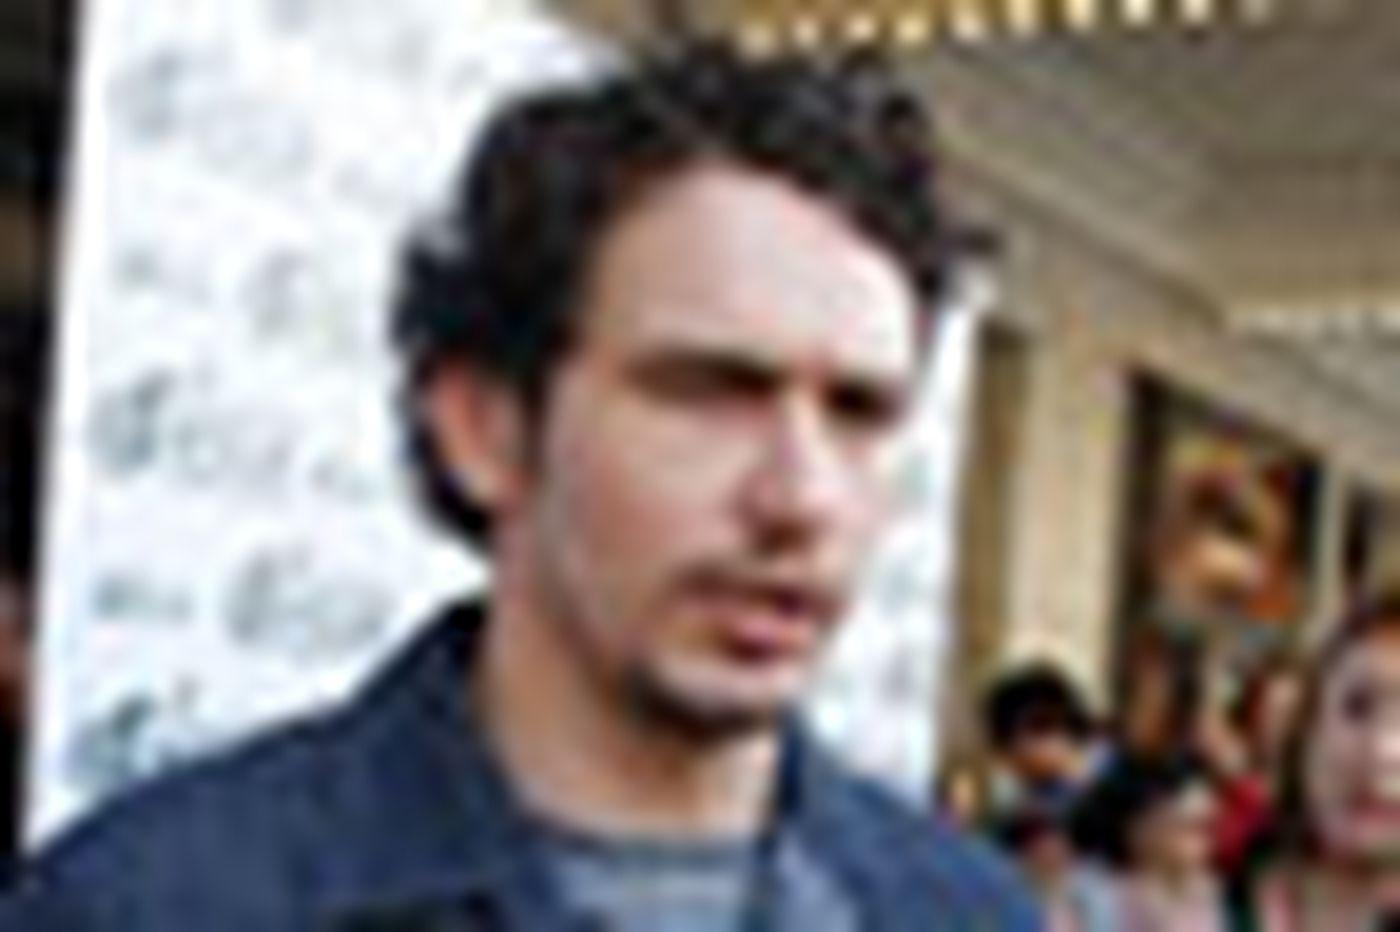 Sideshow: Prof: Franco deserved a 'D'